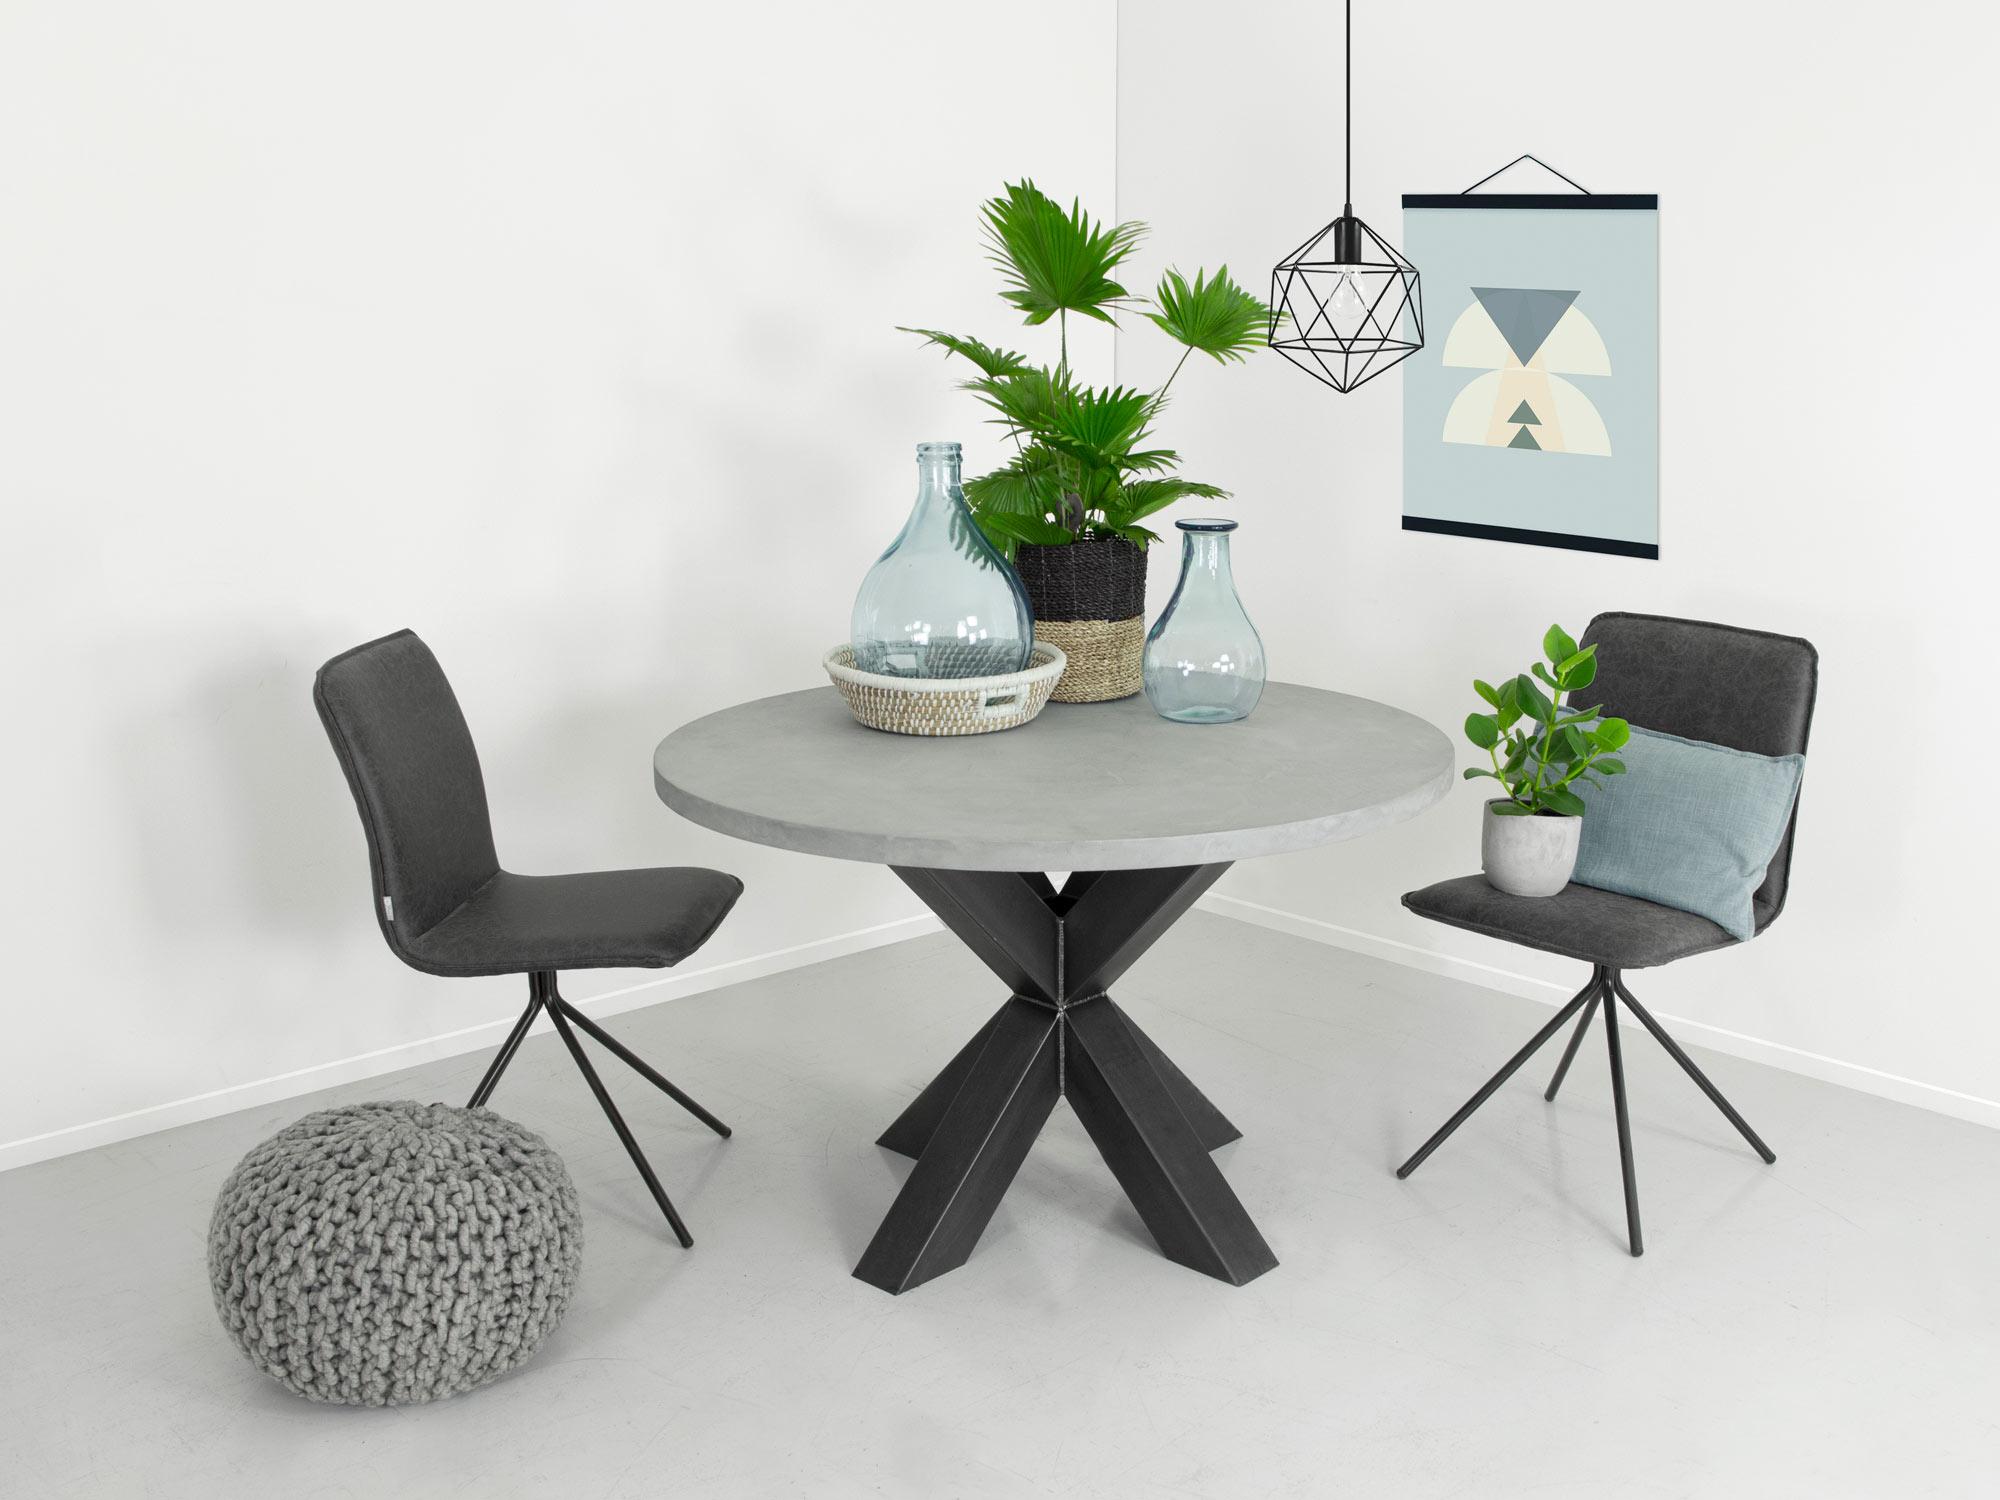 Ronde Eethoek Tafel : Eettafel betonlook rond ozzy fØrn maatwerk meubelen